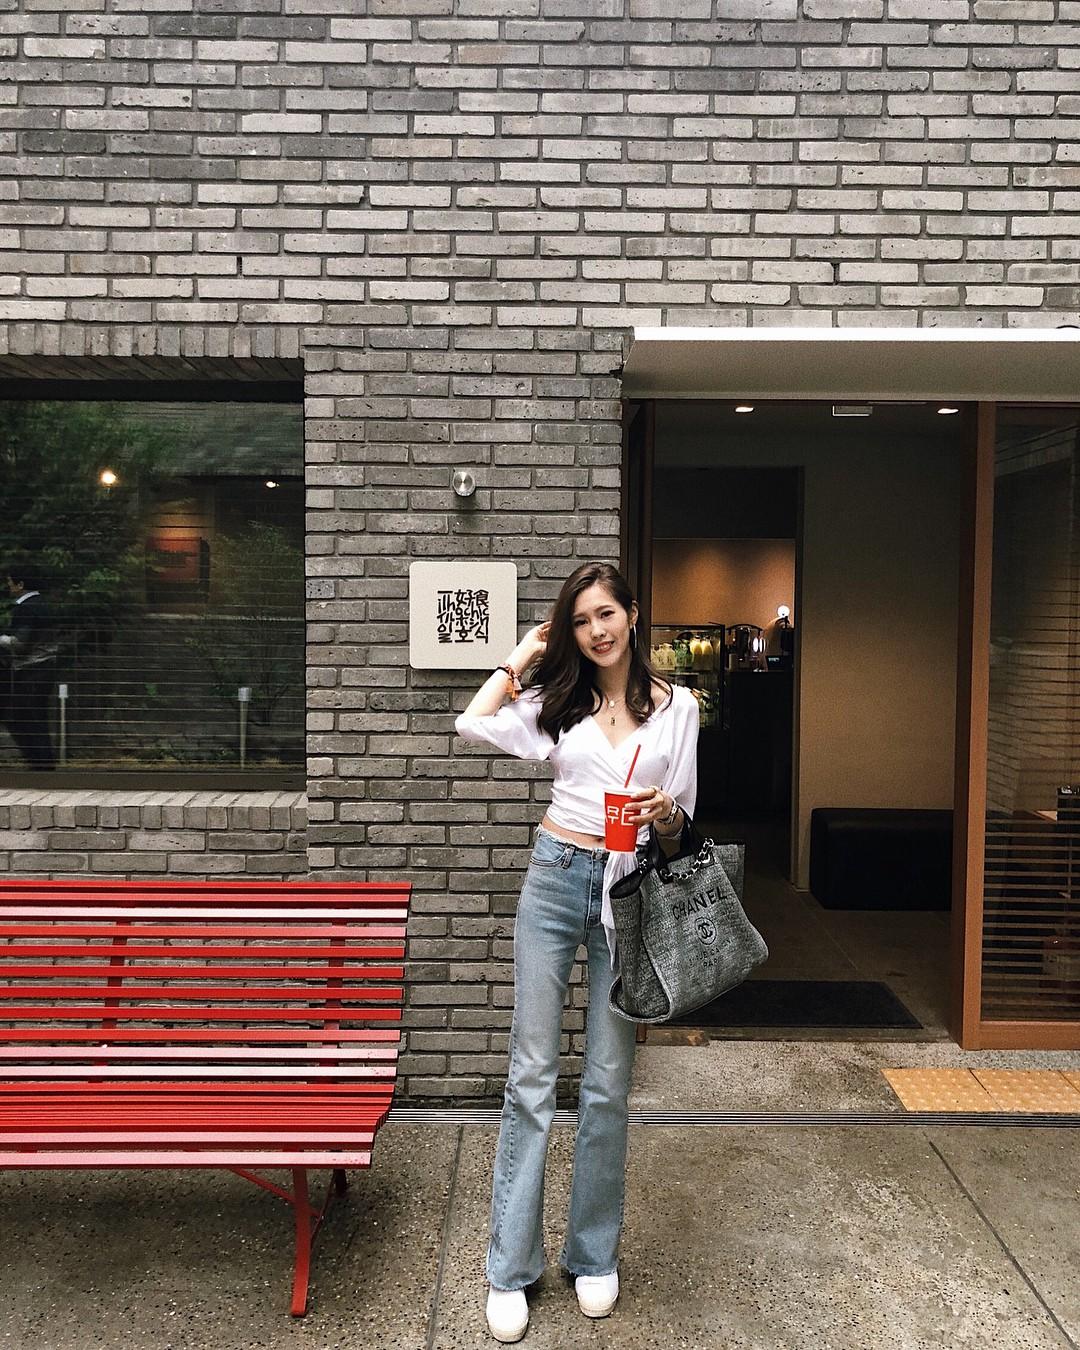 Item bình dân duy nhất trong set đồ của  Seo Ye Ji suốt cả bộ phim: Kiểu quần jeans hack chân dài cực đỉnh mà chị em nào cũng nên có - Ảnh 8.